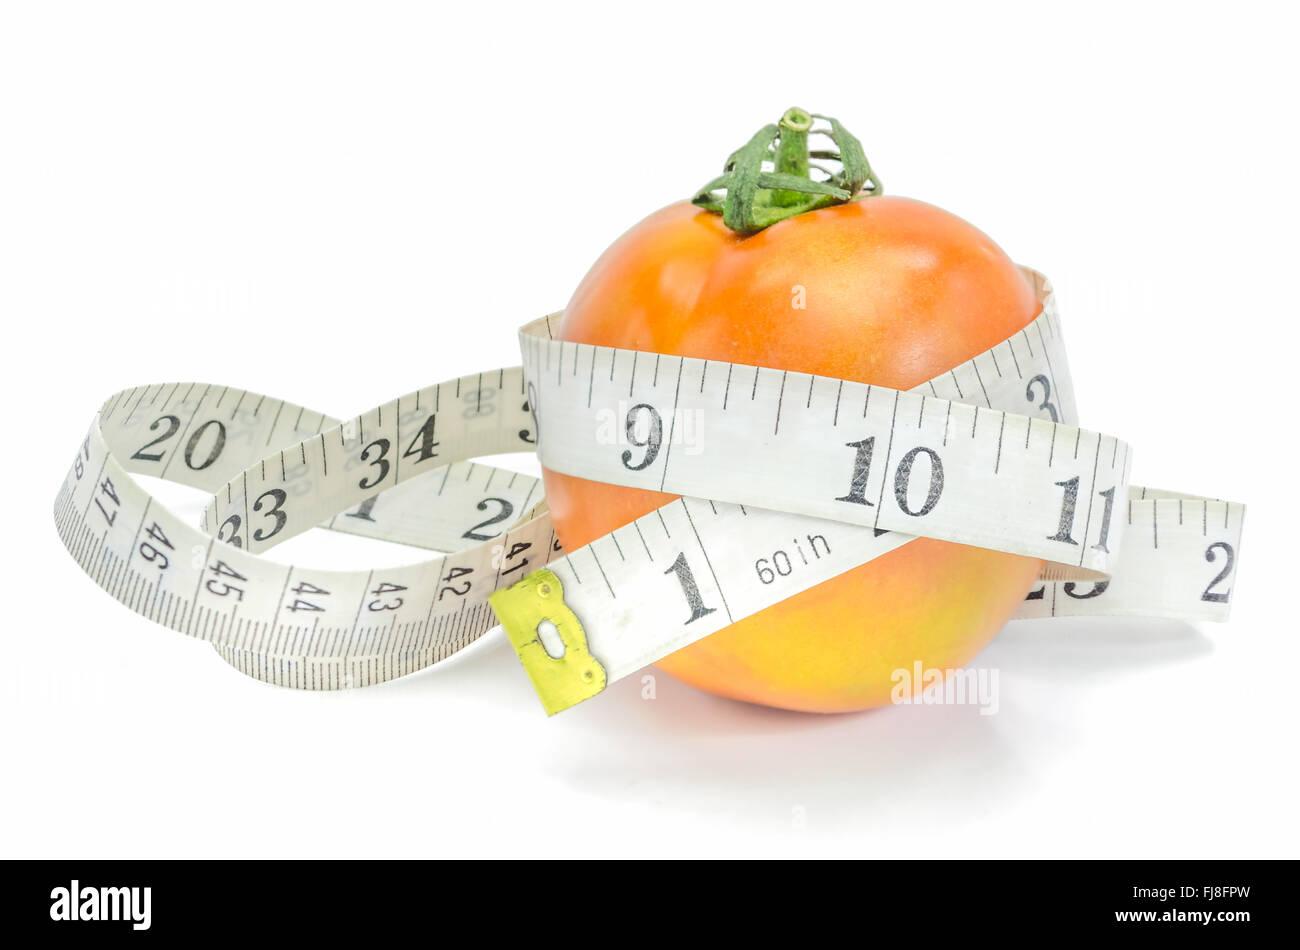 Lebe gesund - frische Tomaten mit Maßband auf weißem Hintergrund. Stockbild